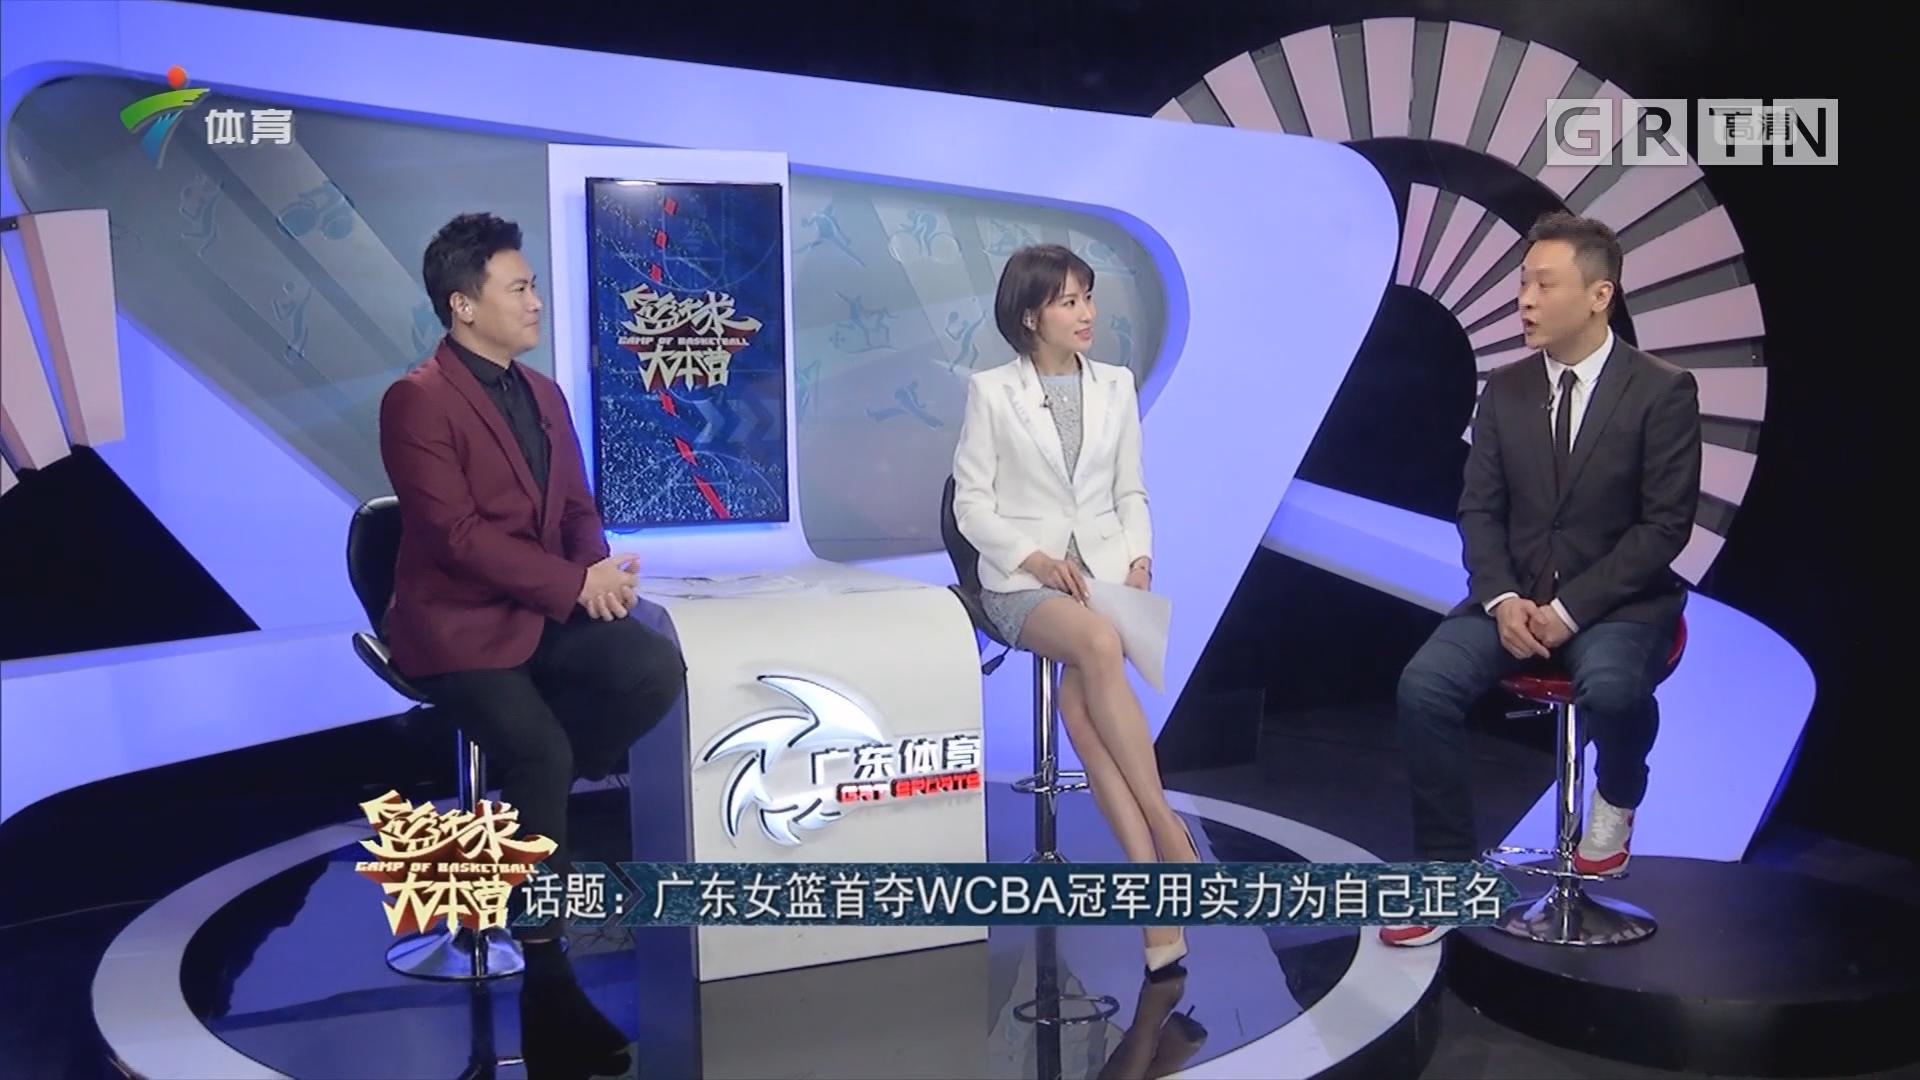 话题:广东女篮首夺WCBA冠军用实力为自己正名